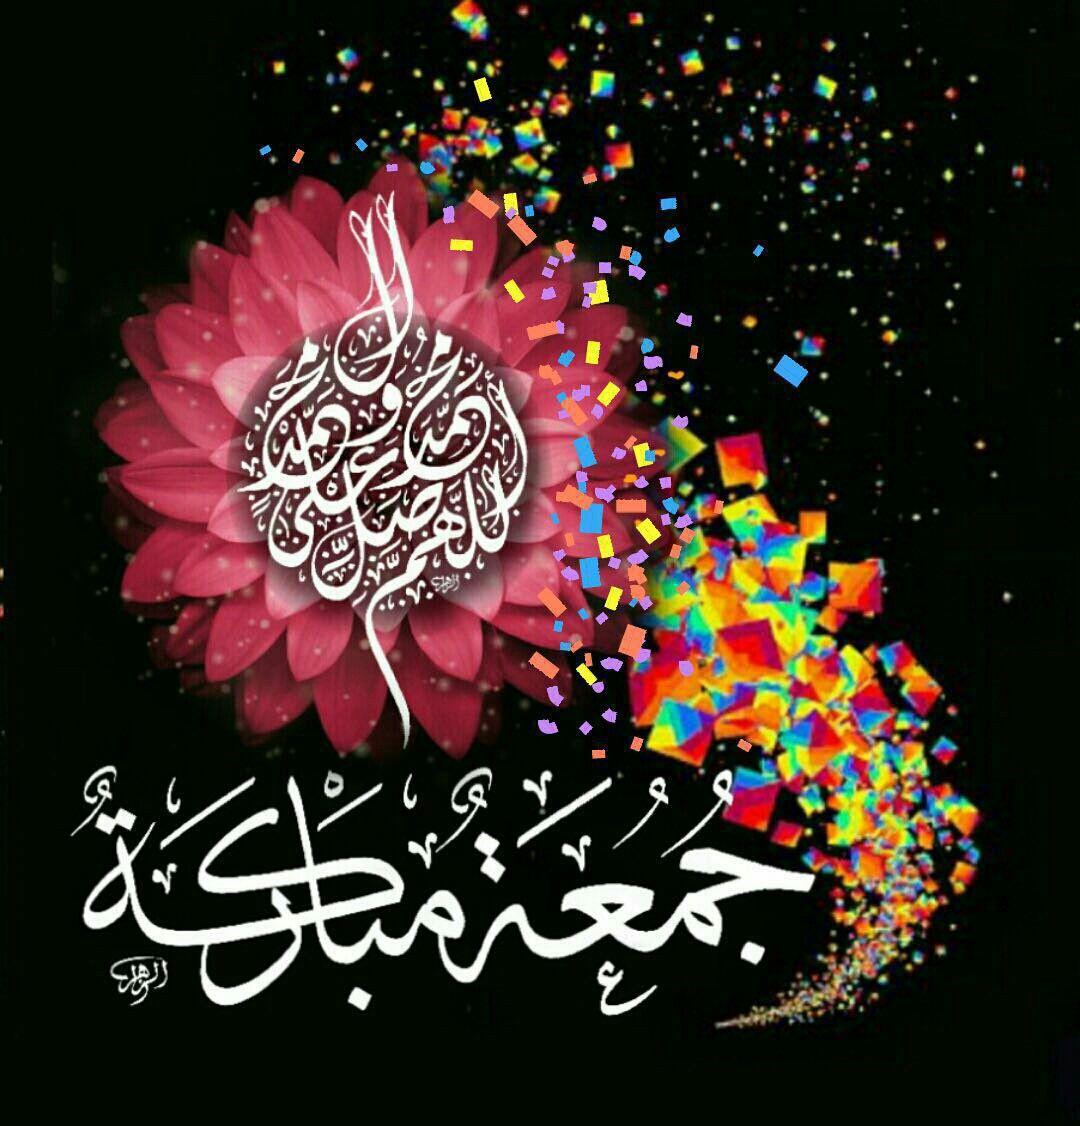 اللهم صل على محمد وال محمد Jumma Mubarak Jumma Mubarak Images Jumma Mubarak Image Hd